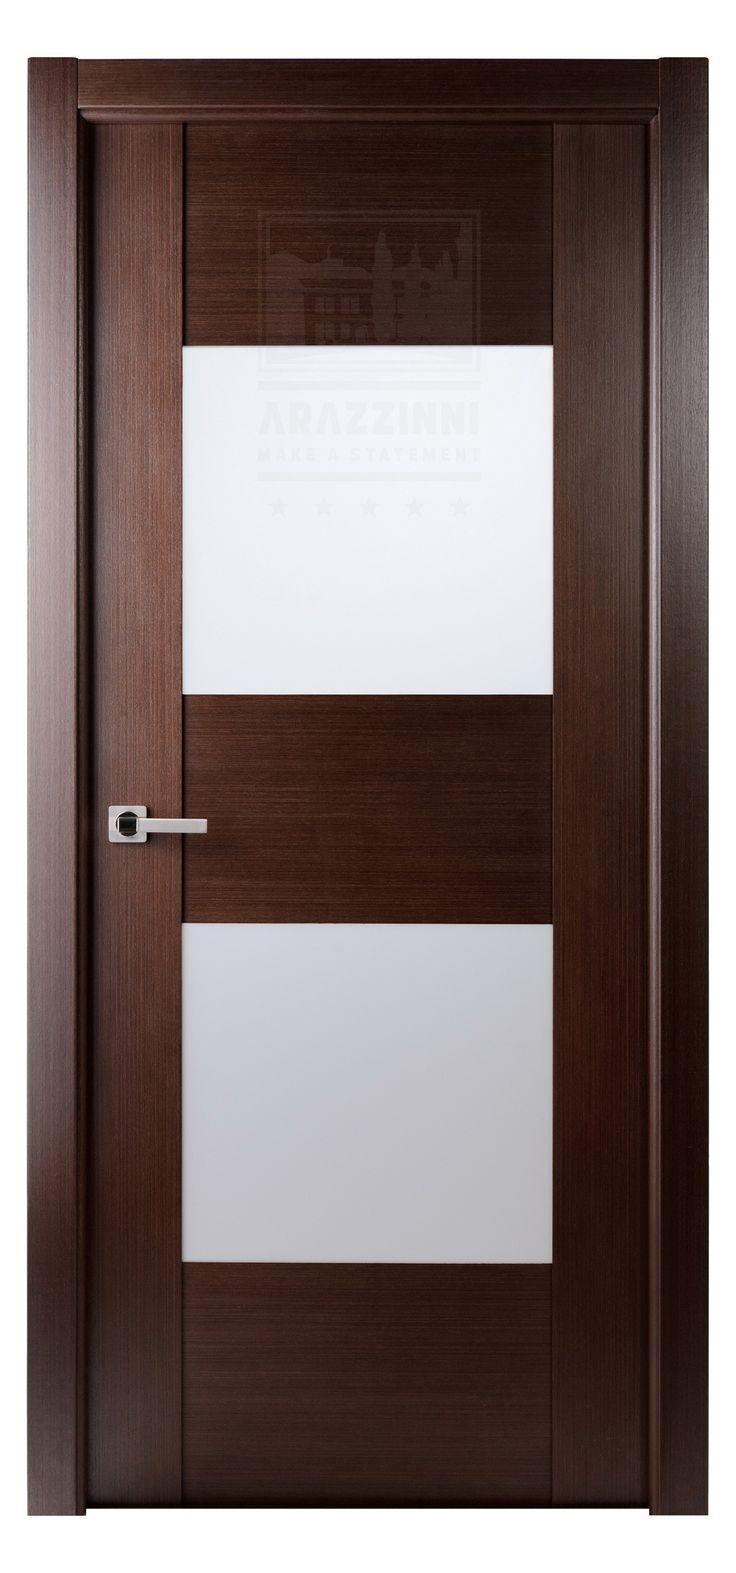 Interior door texture - Arazzinni Maximum 204 Interior Door Wenge